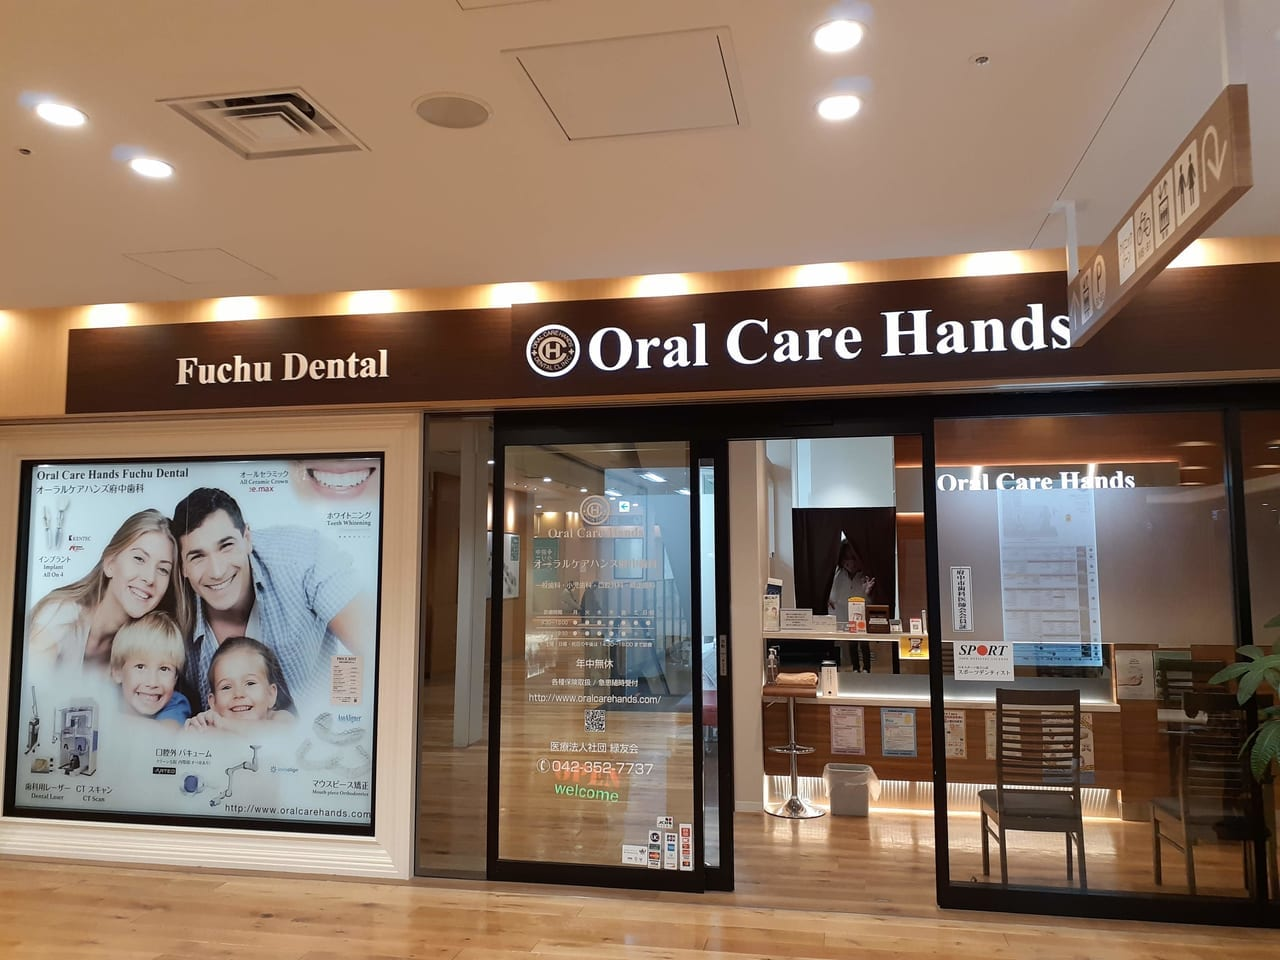 オーラルケアハンズ府中歯科です。